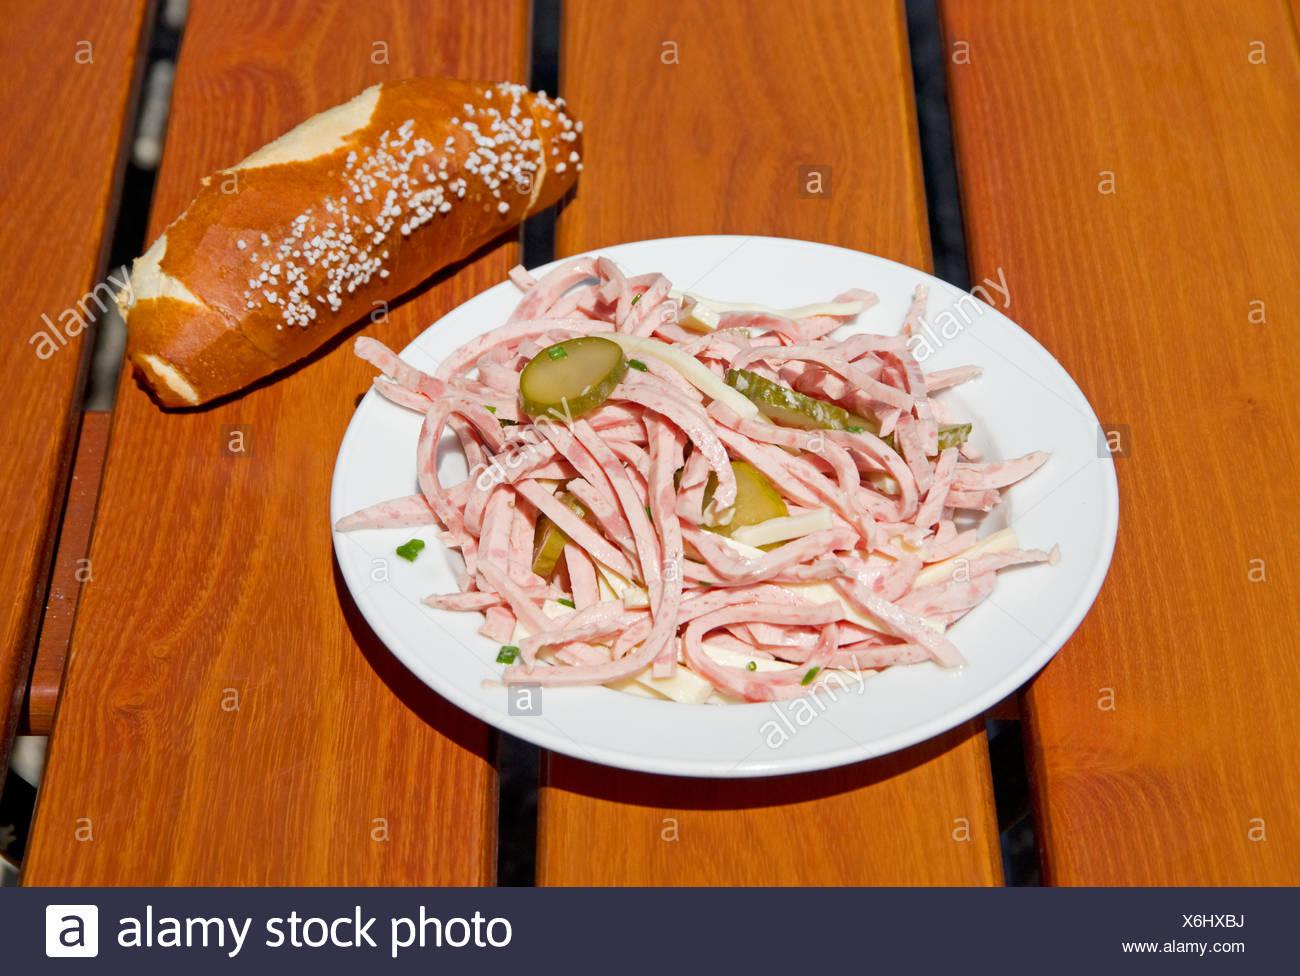 Wurstsalat Oktoberfest - Stock Image